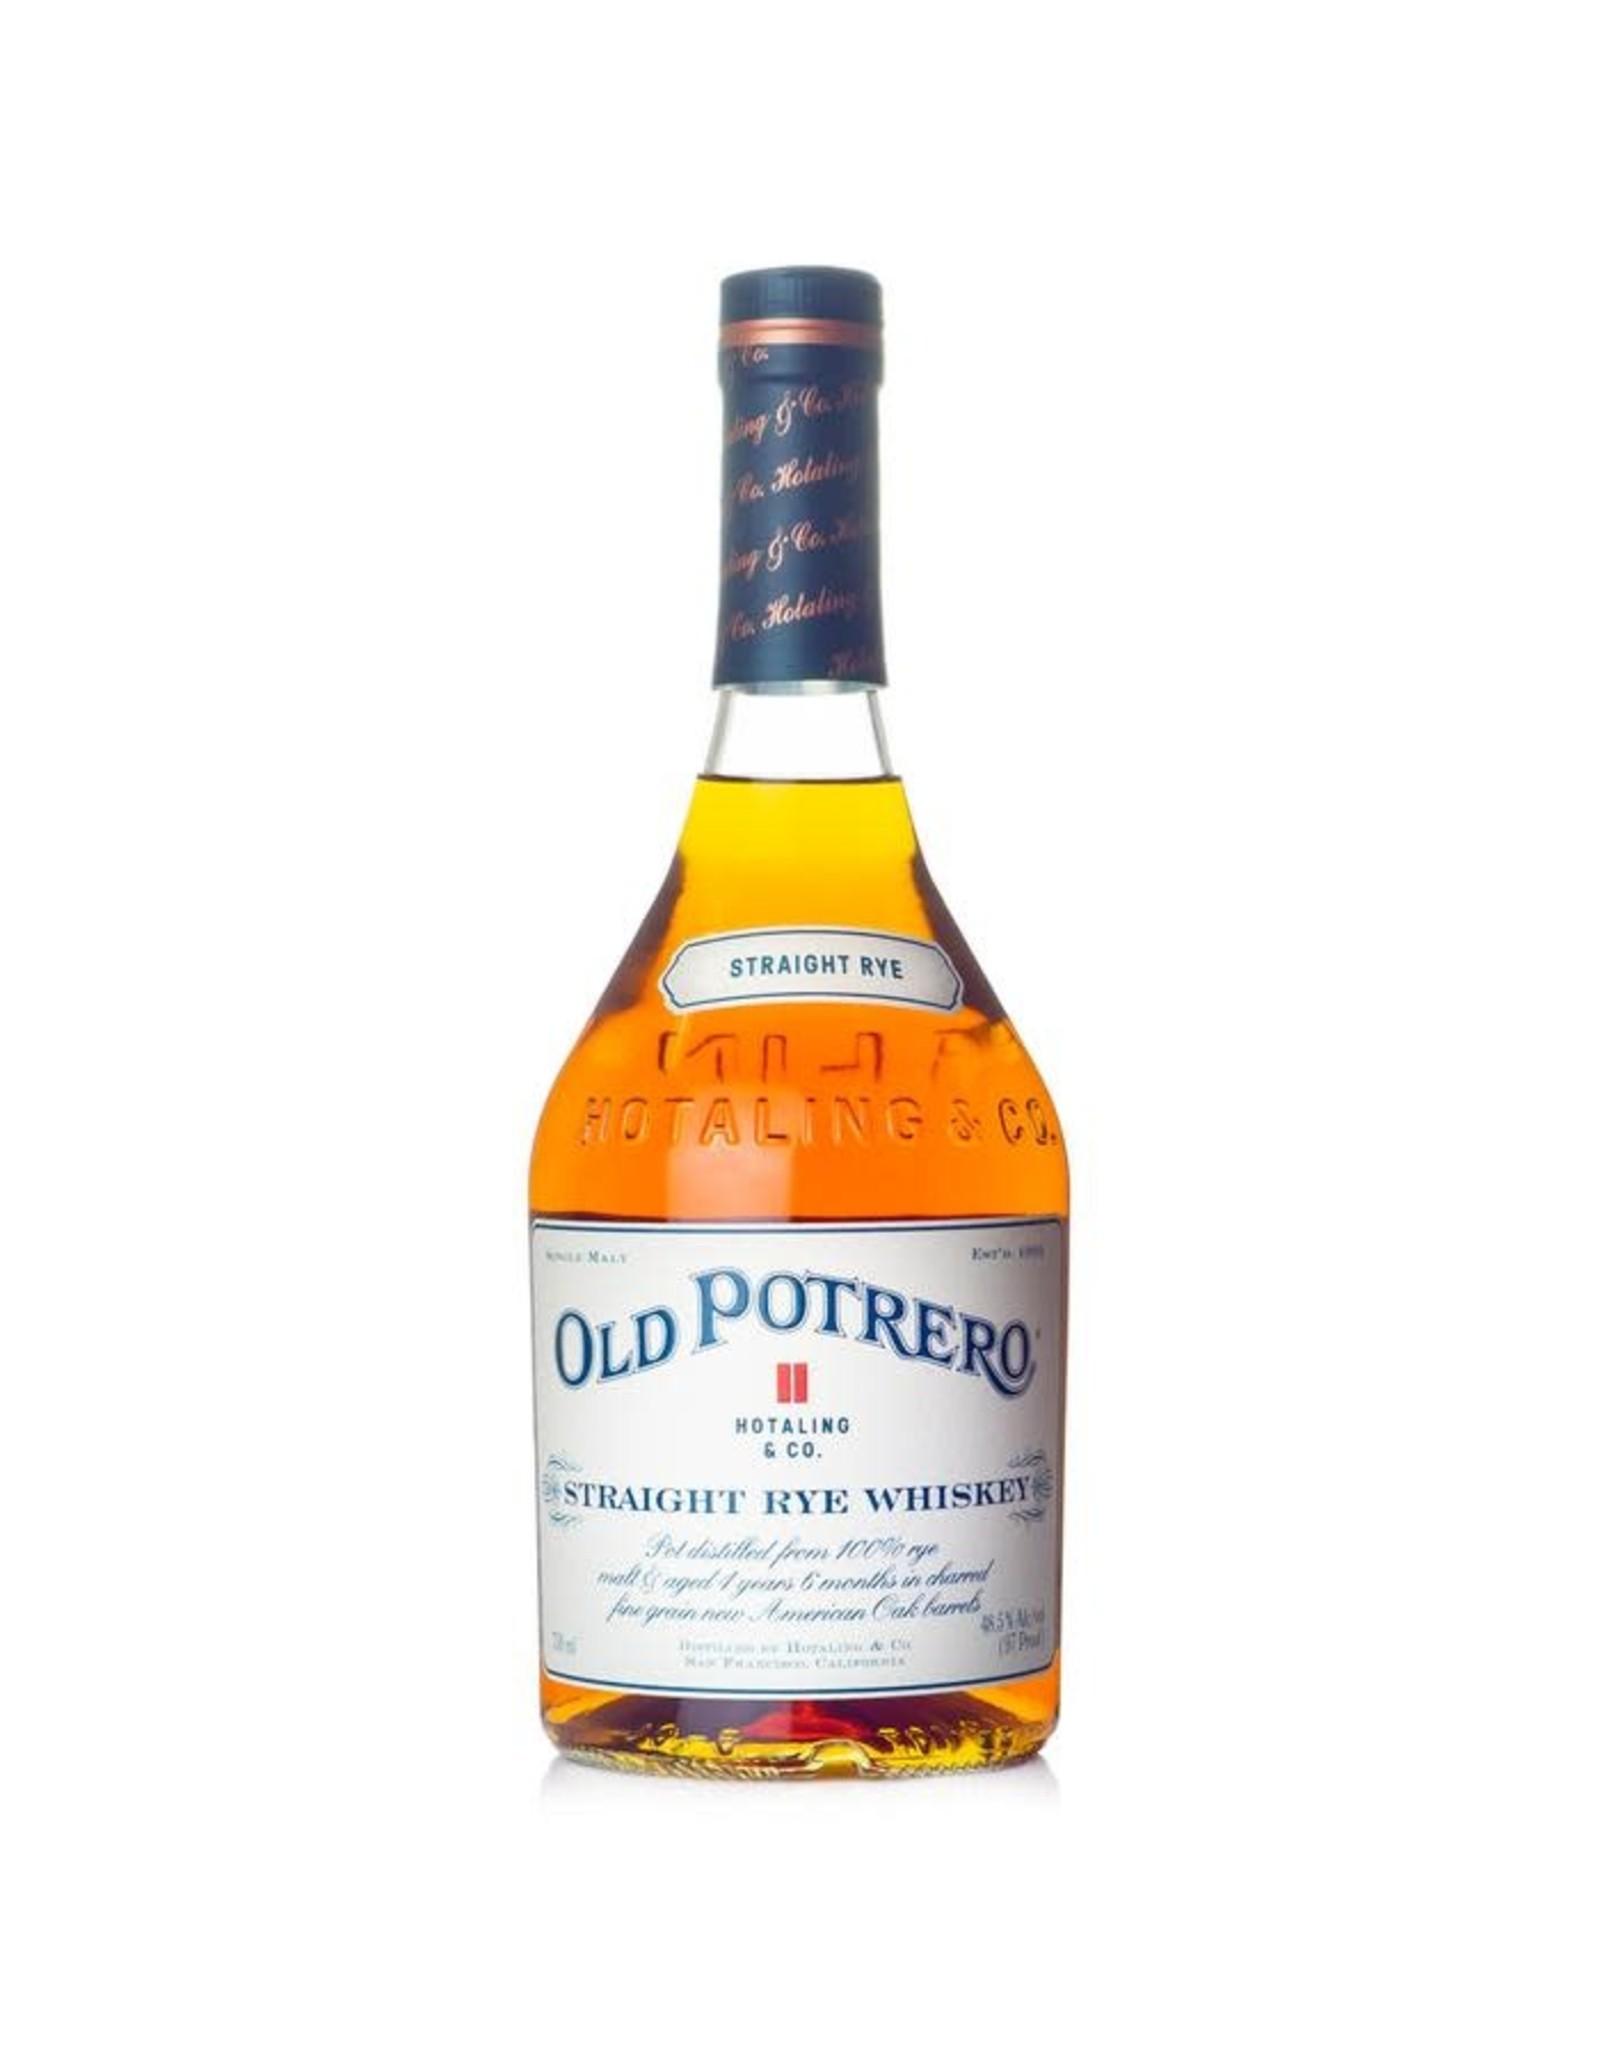 Old Potrero Straight Rye Whiskey